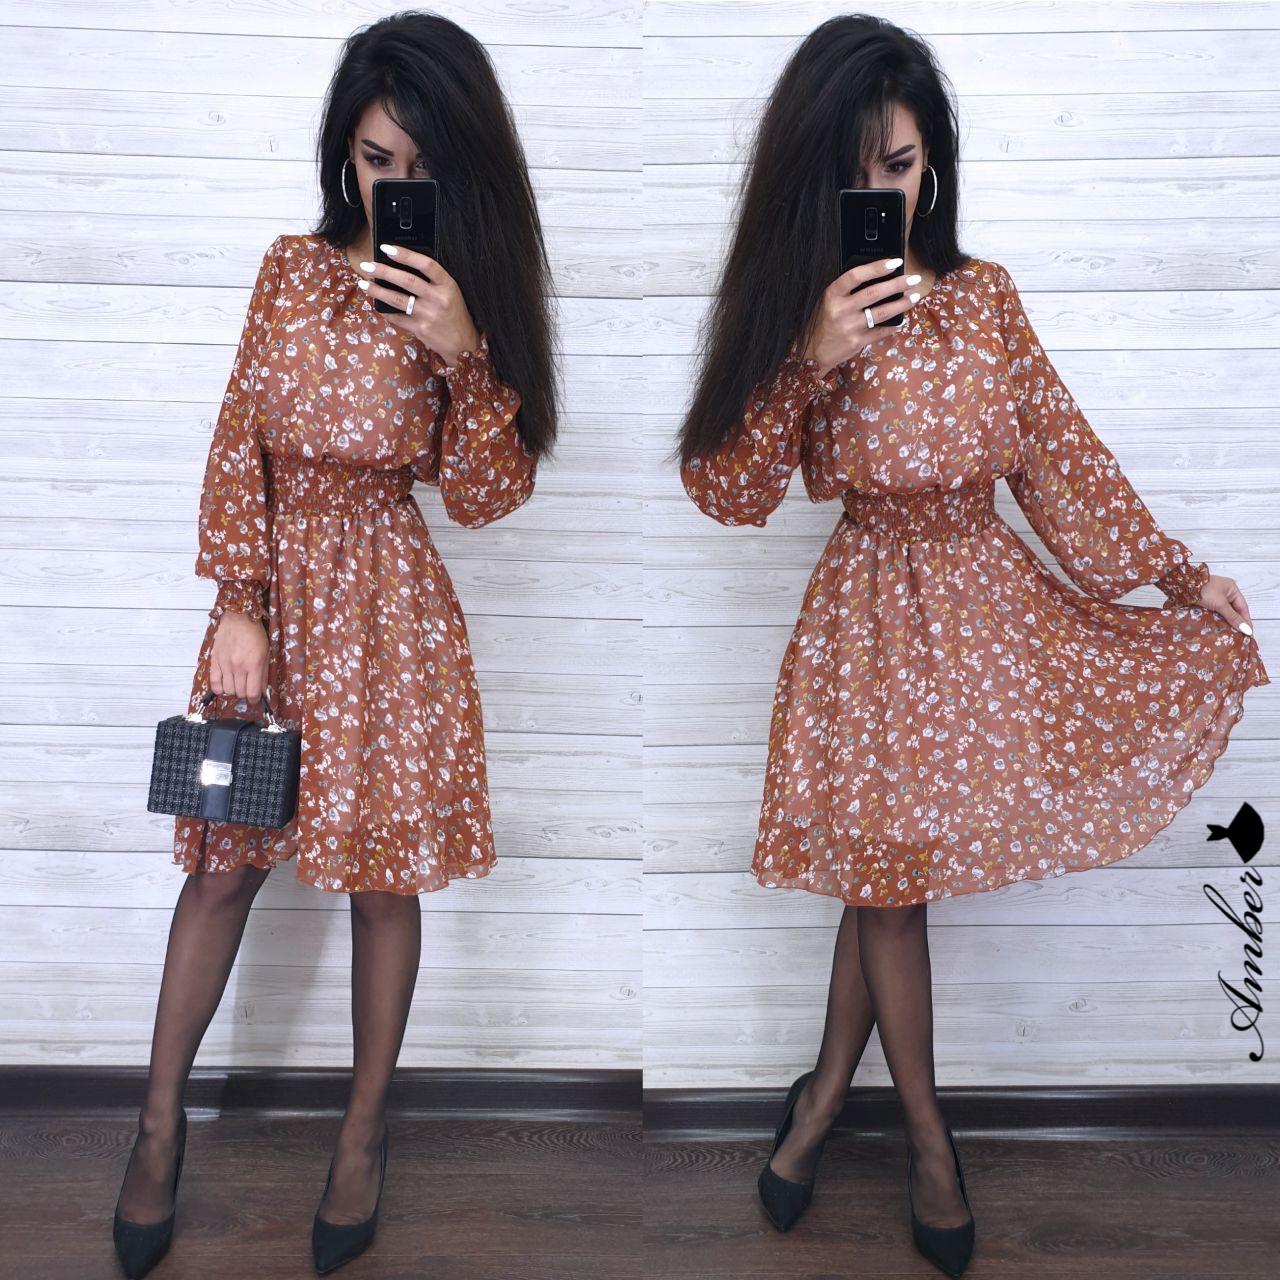 Шифоновое принтованное платье с резинкой на талии и пышной юбкой 8py943